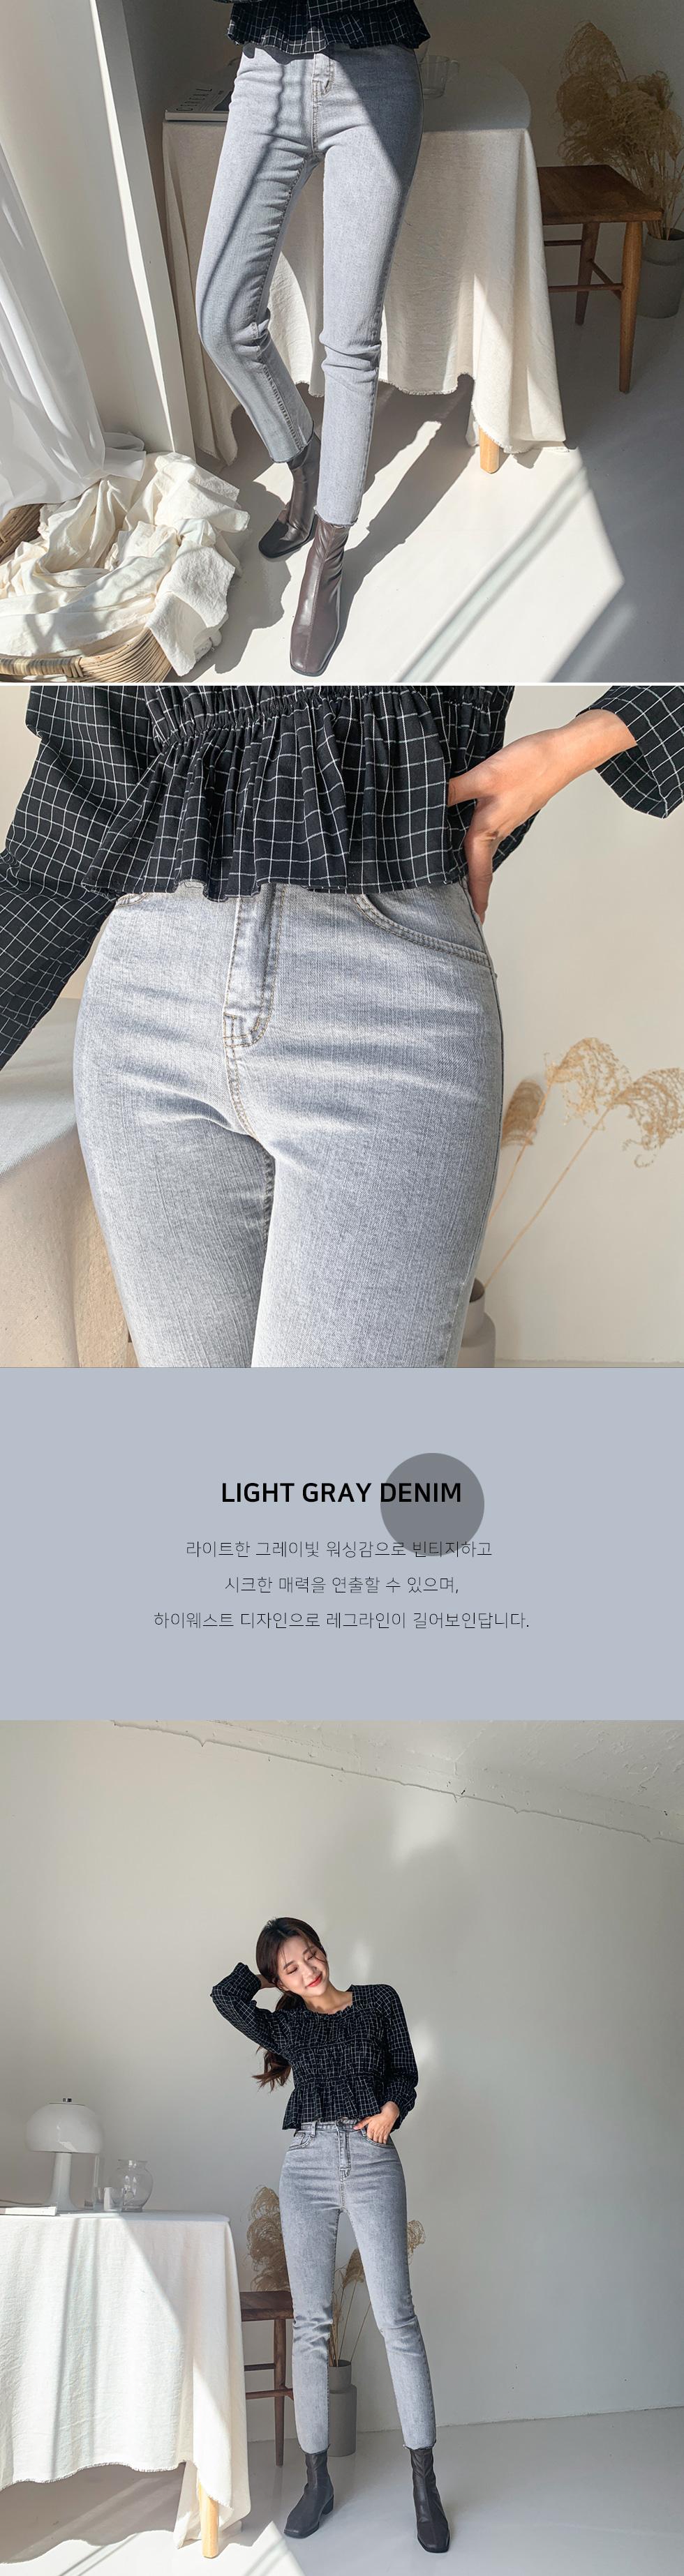 Light gray denim